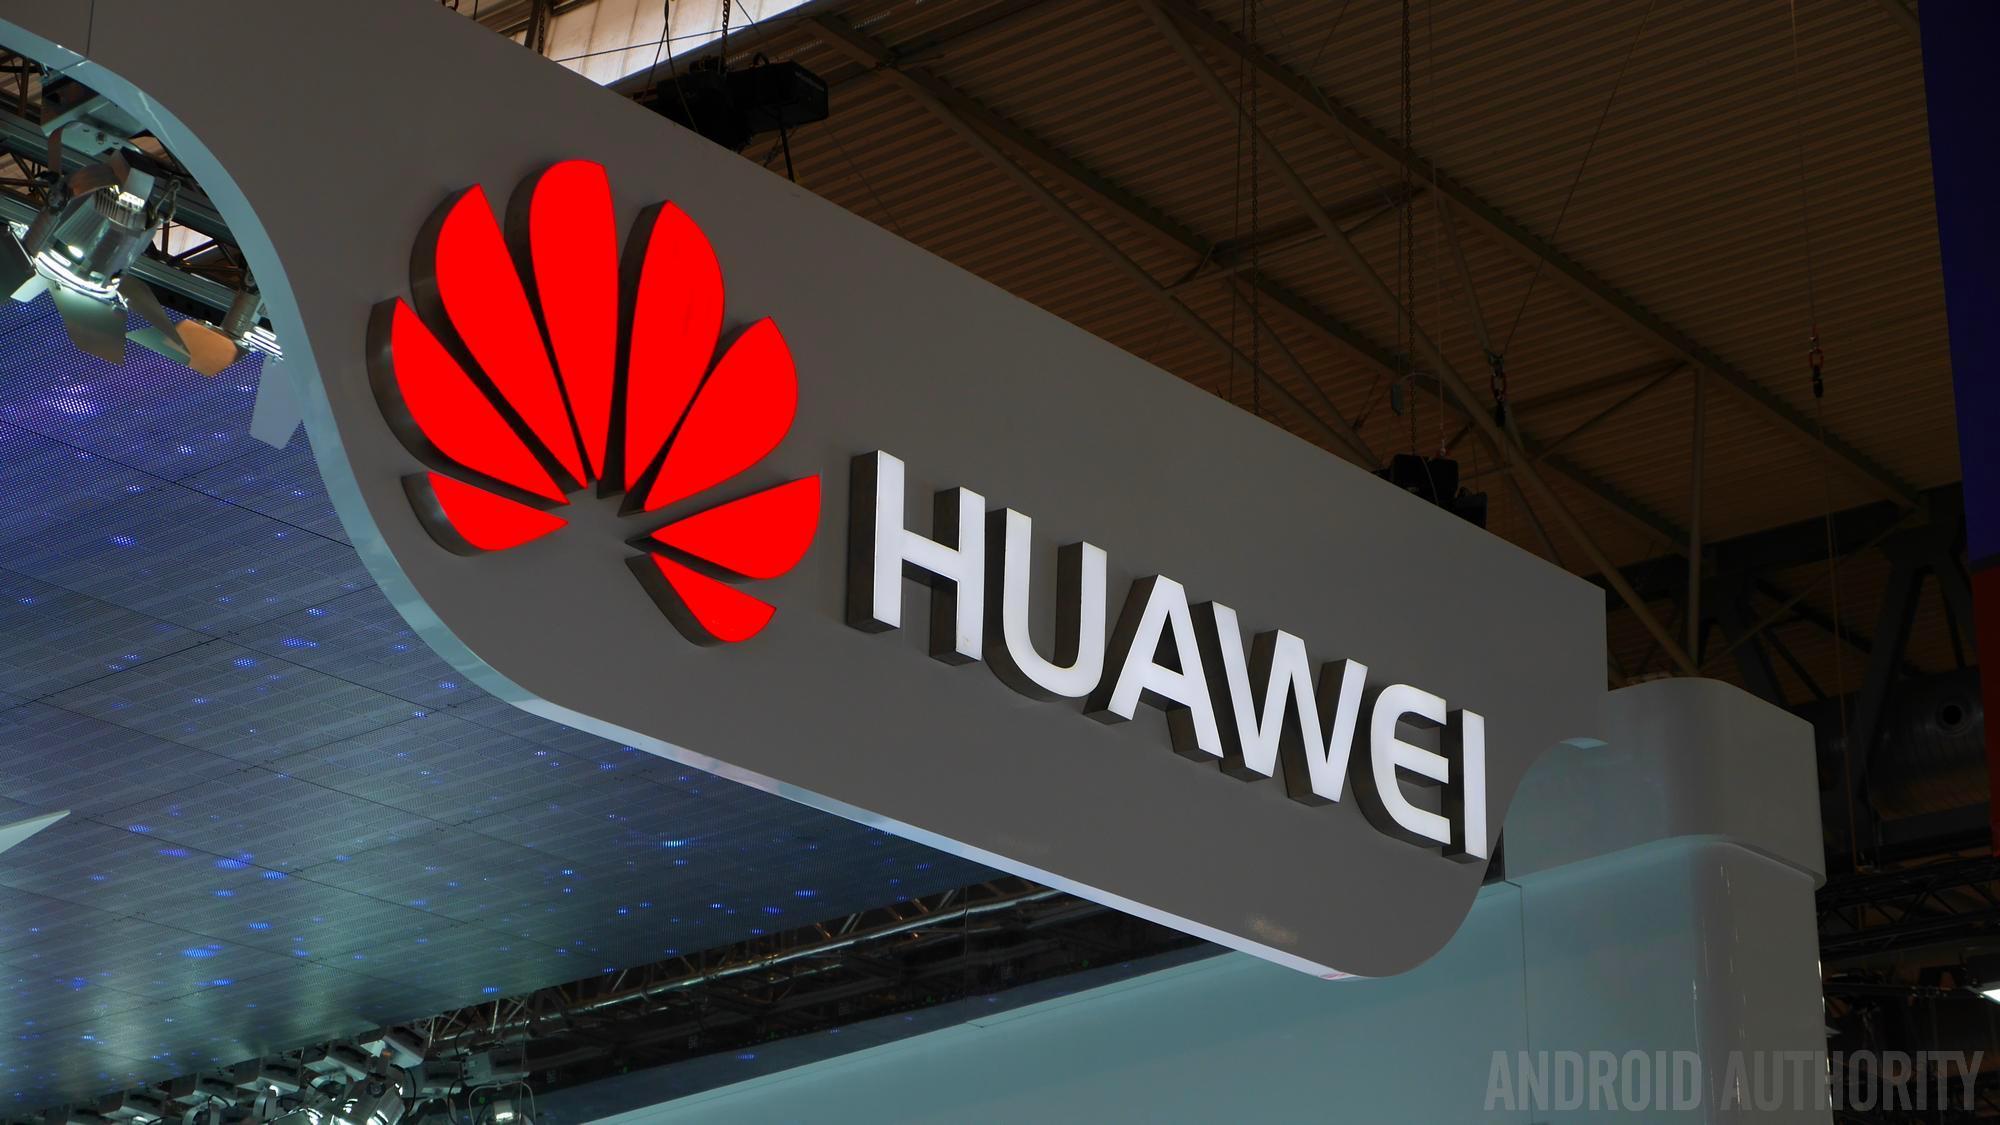 TÉLÉCOMMUNICATION : Guinée-Bissau et Huawei signent un contrat de collaboration